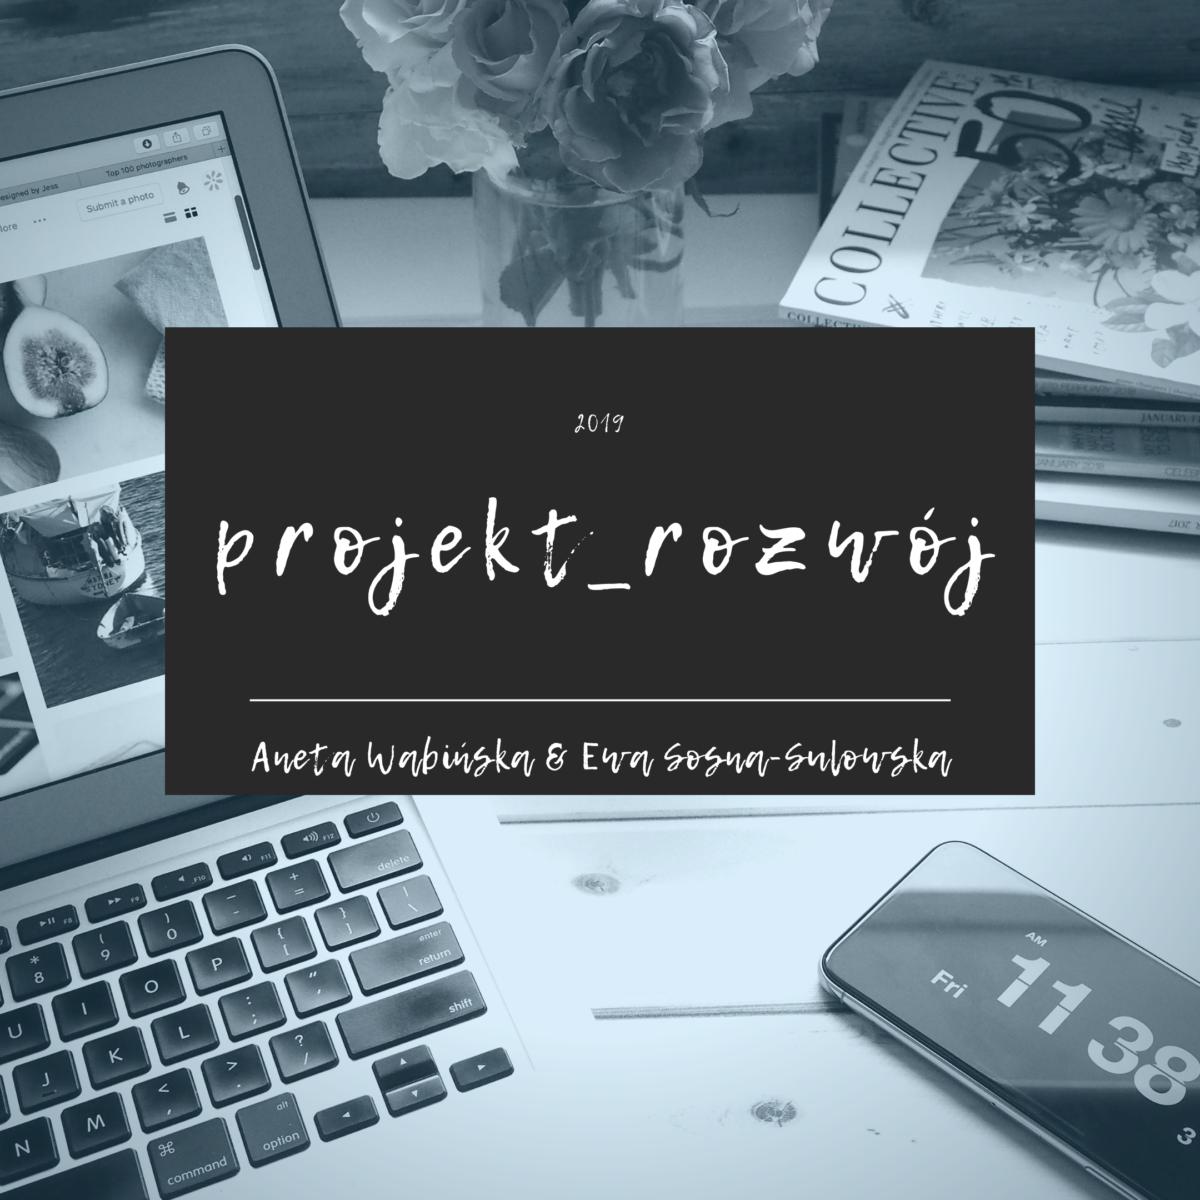 Projekt_Rozwój – nowe wyzwanie